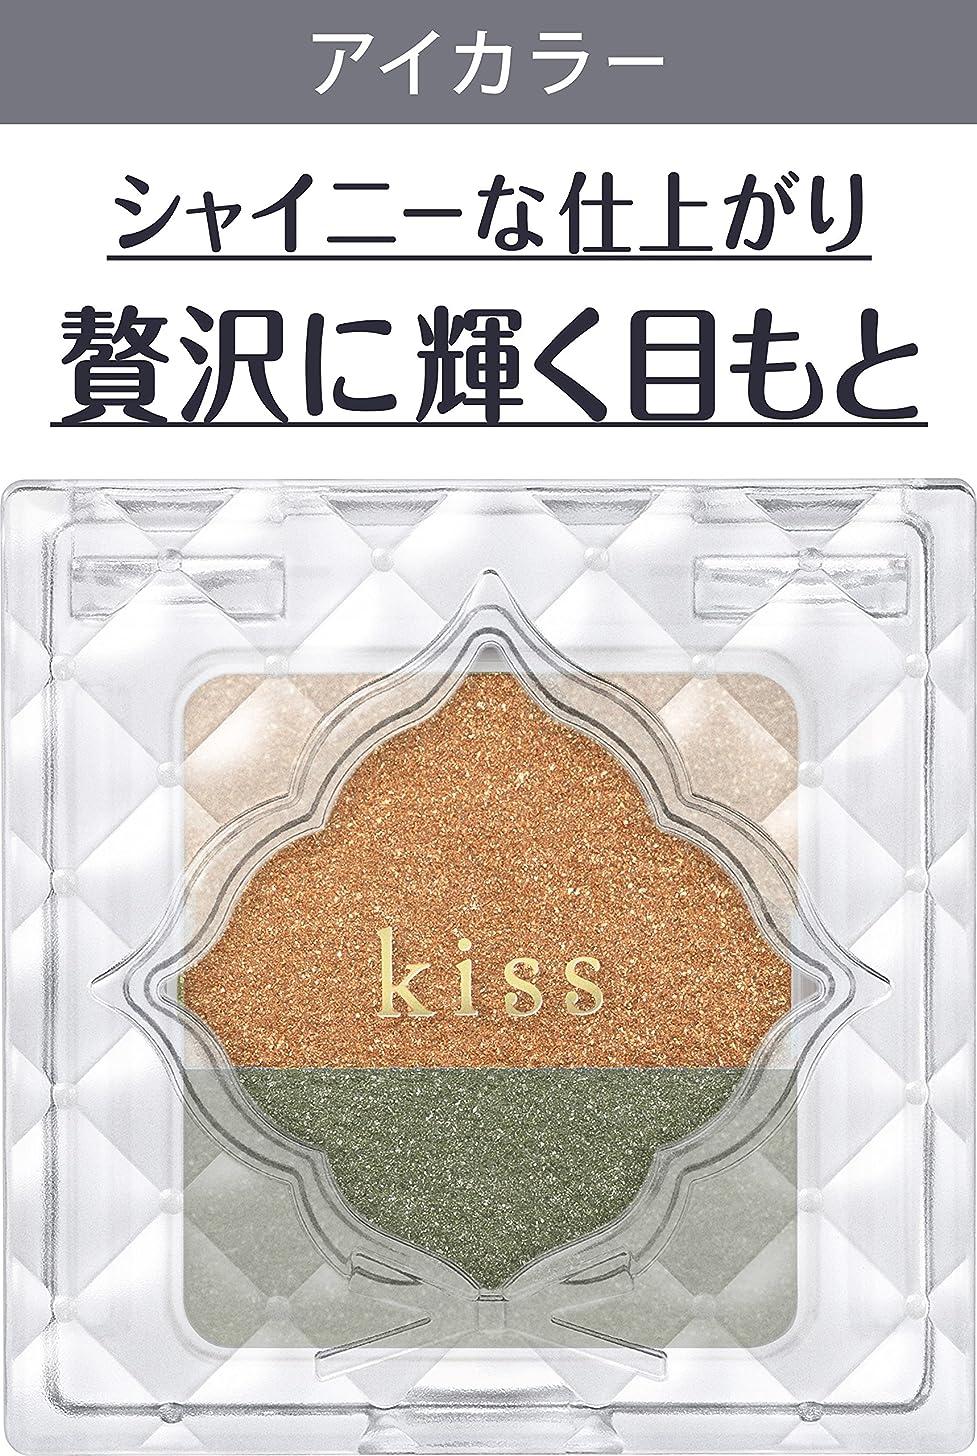 絵雑草虚栄心kiss デュアルアイズS12